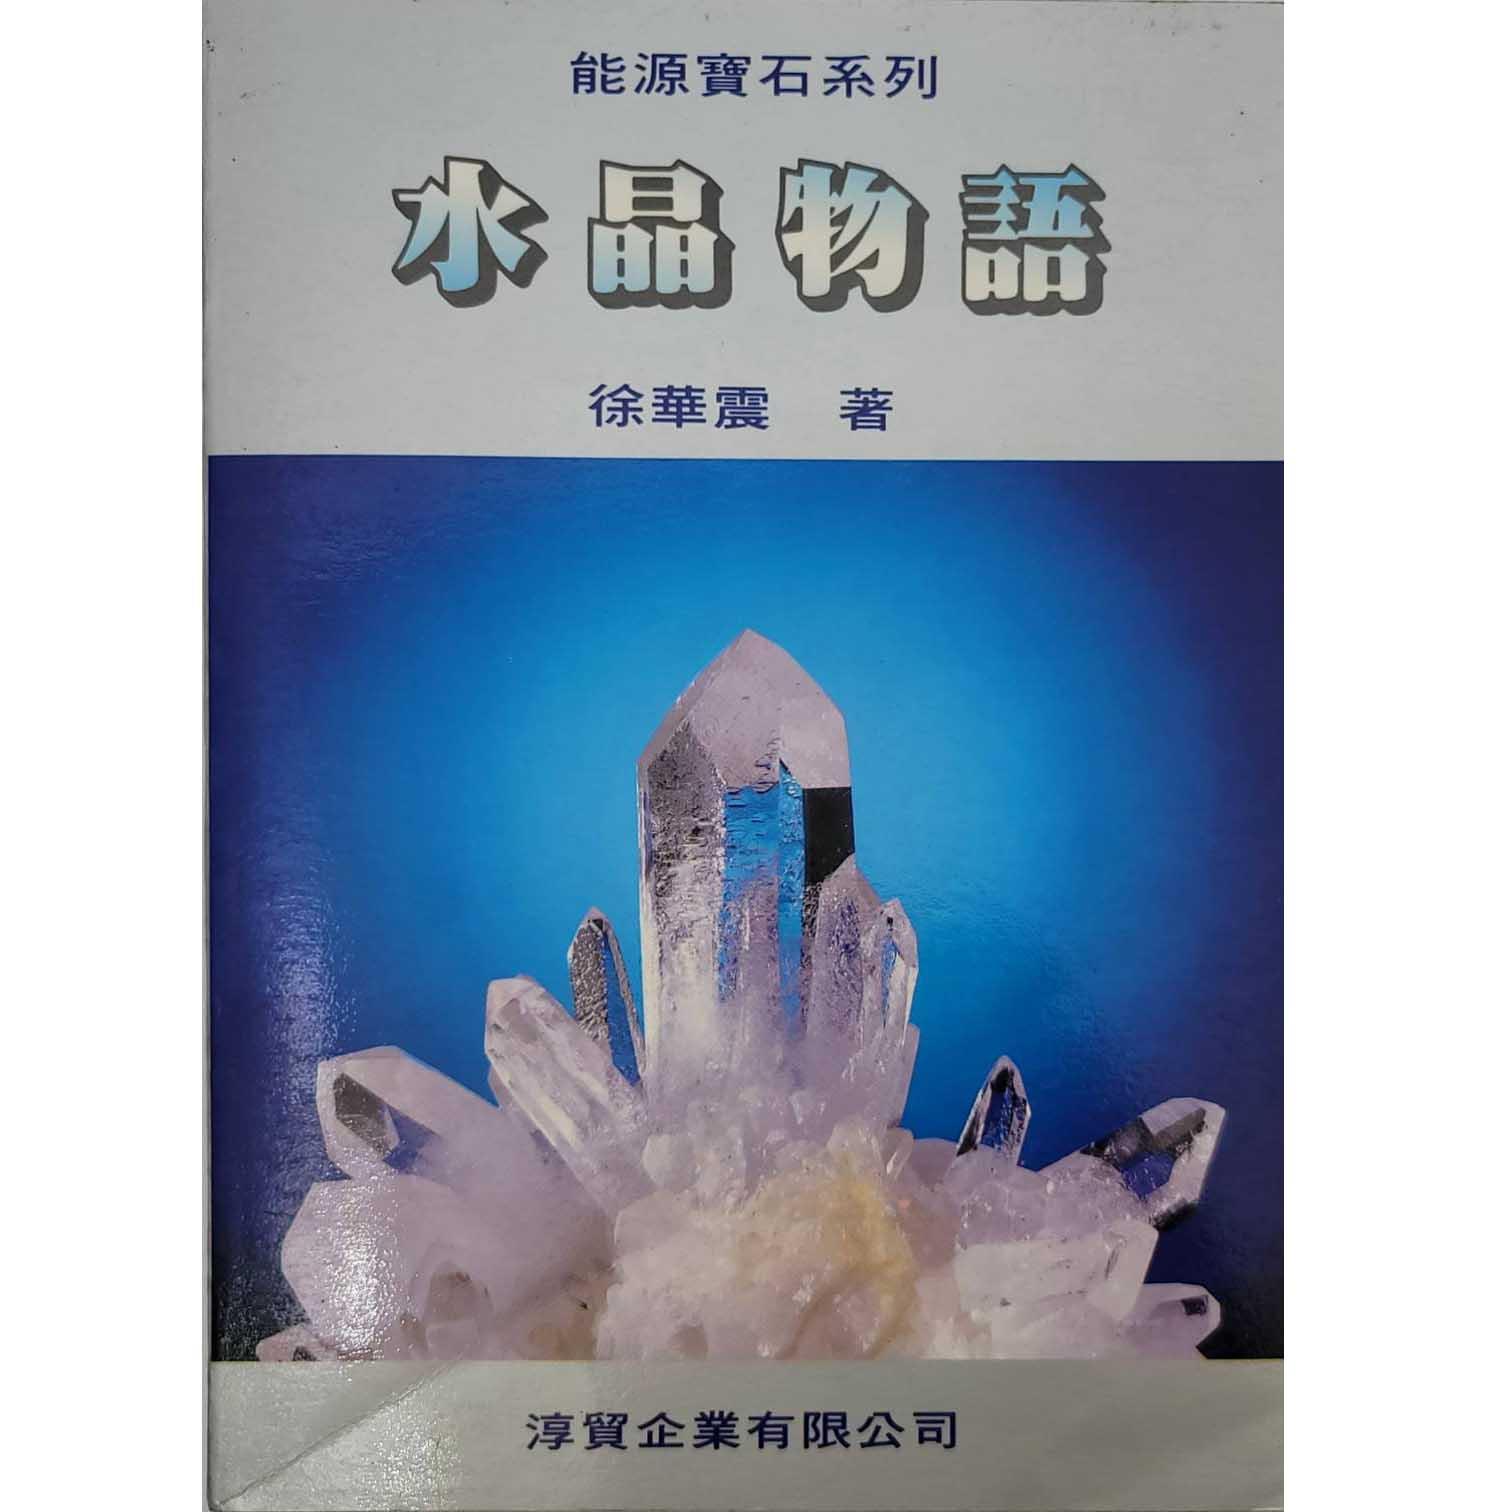 圖示-水晶物語